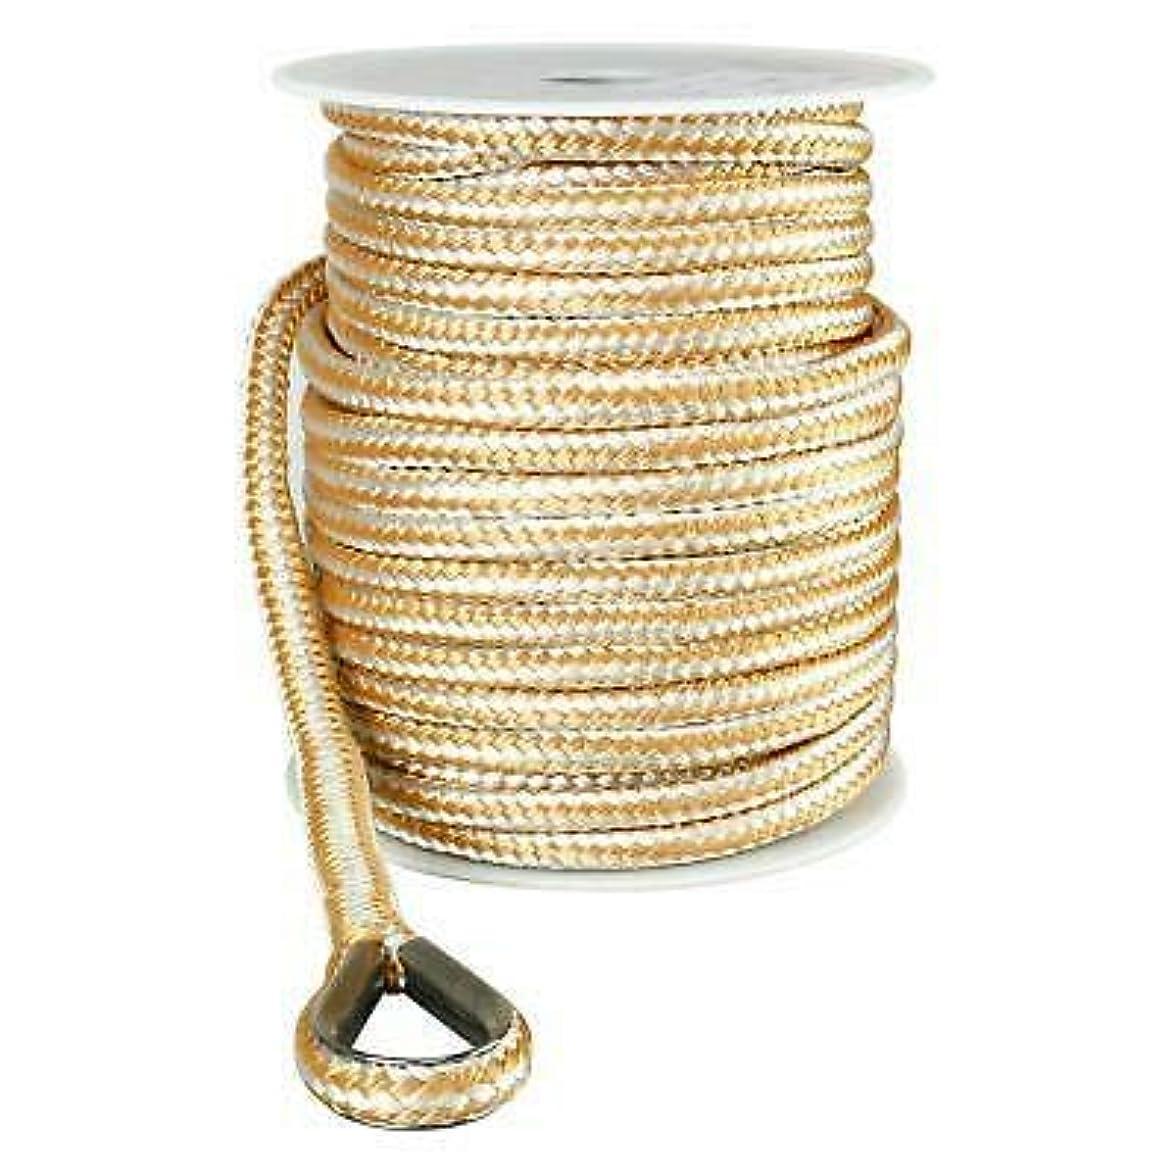 テント骨折データUS Ropes ナイロンダブル編みアンカーライン 3/8インチ x 100フィート ゴールドとホワイト